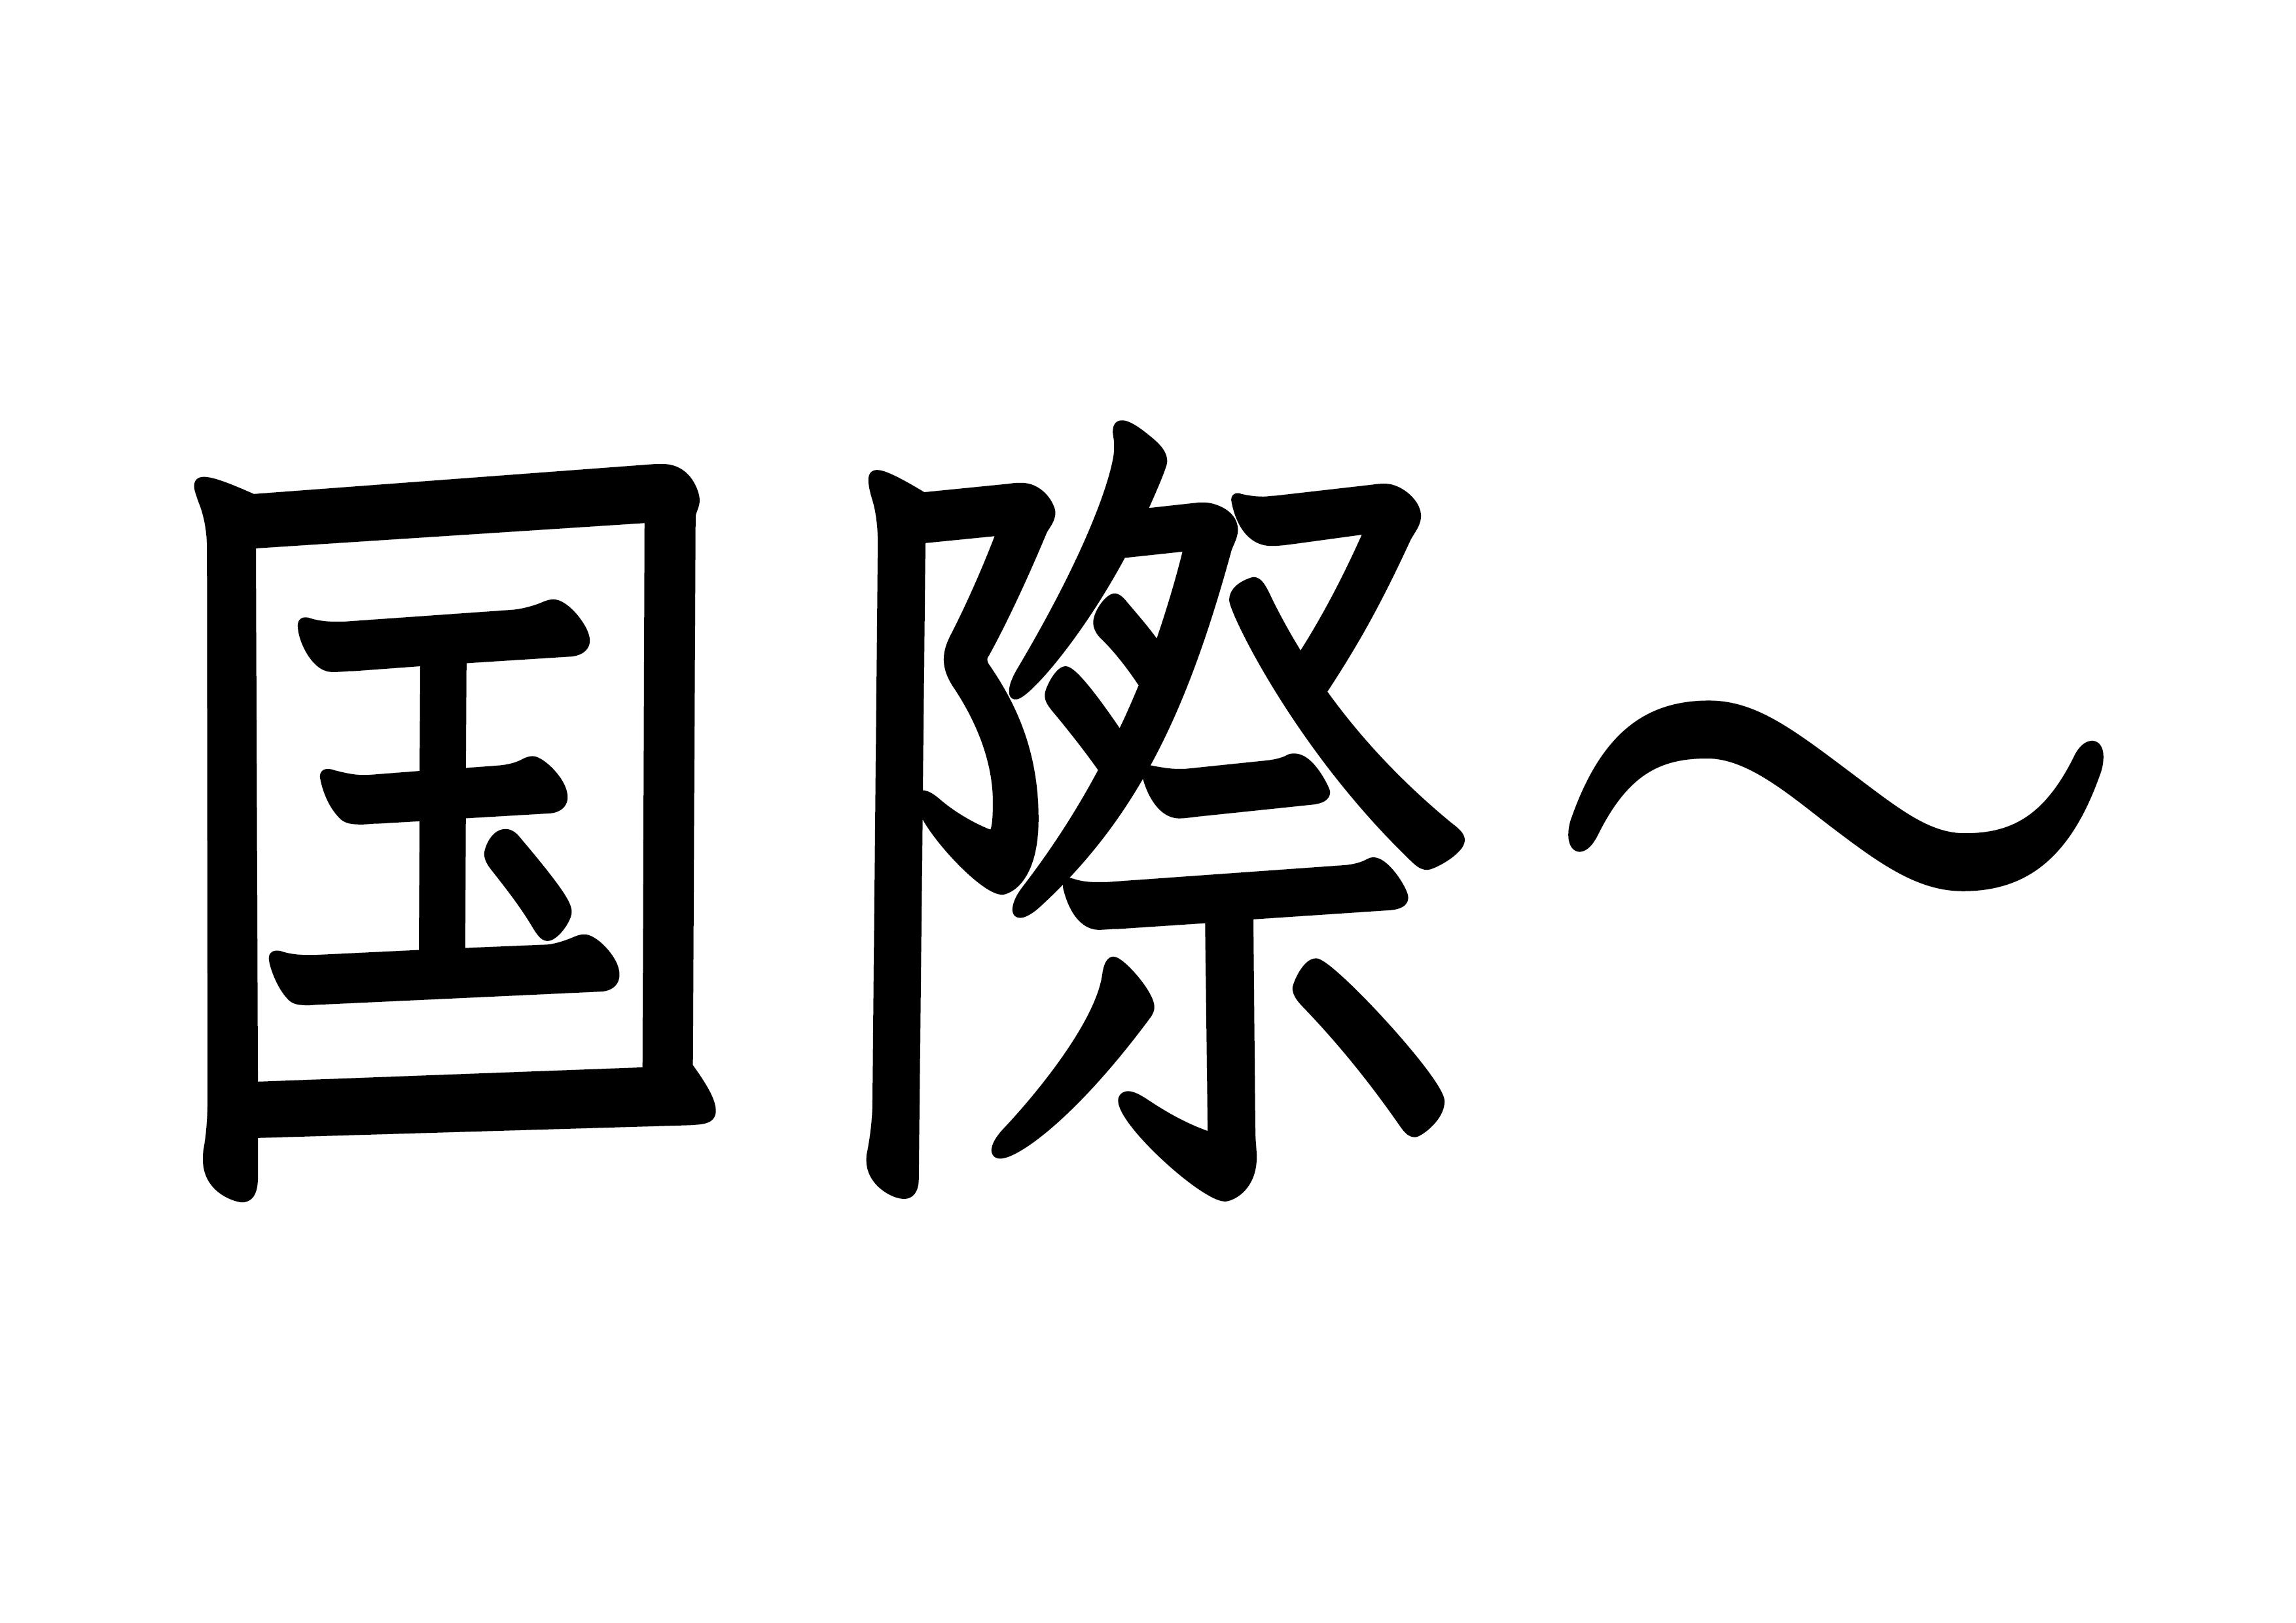 32課文字カード【国際〜】